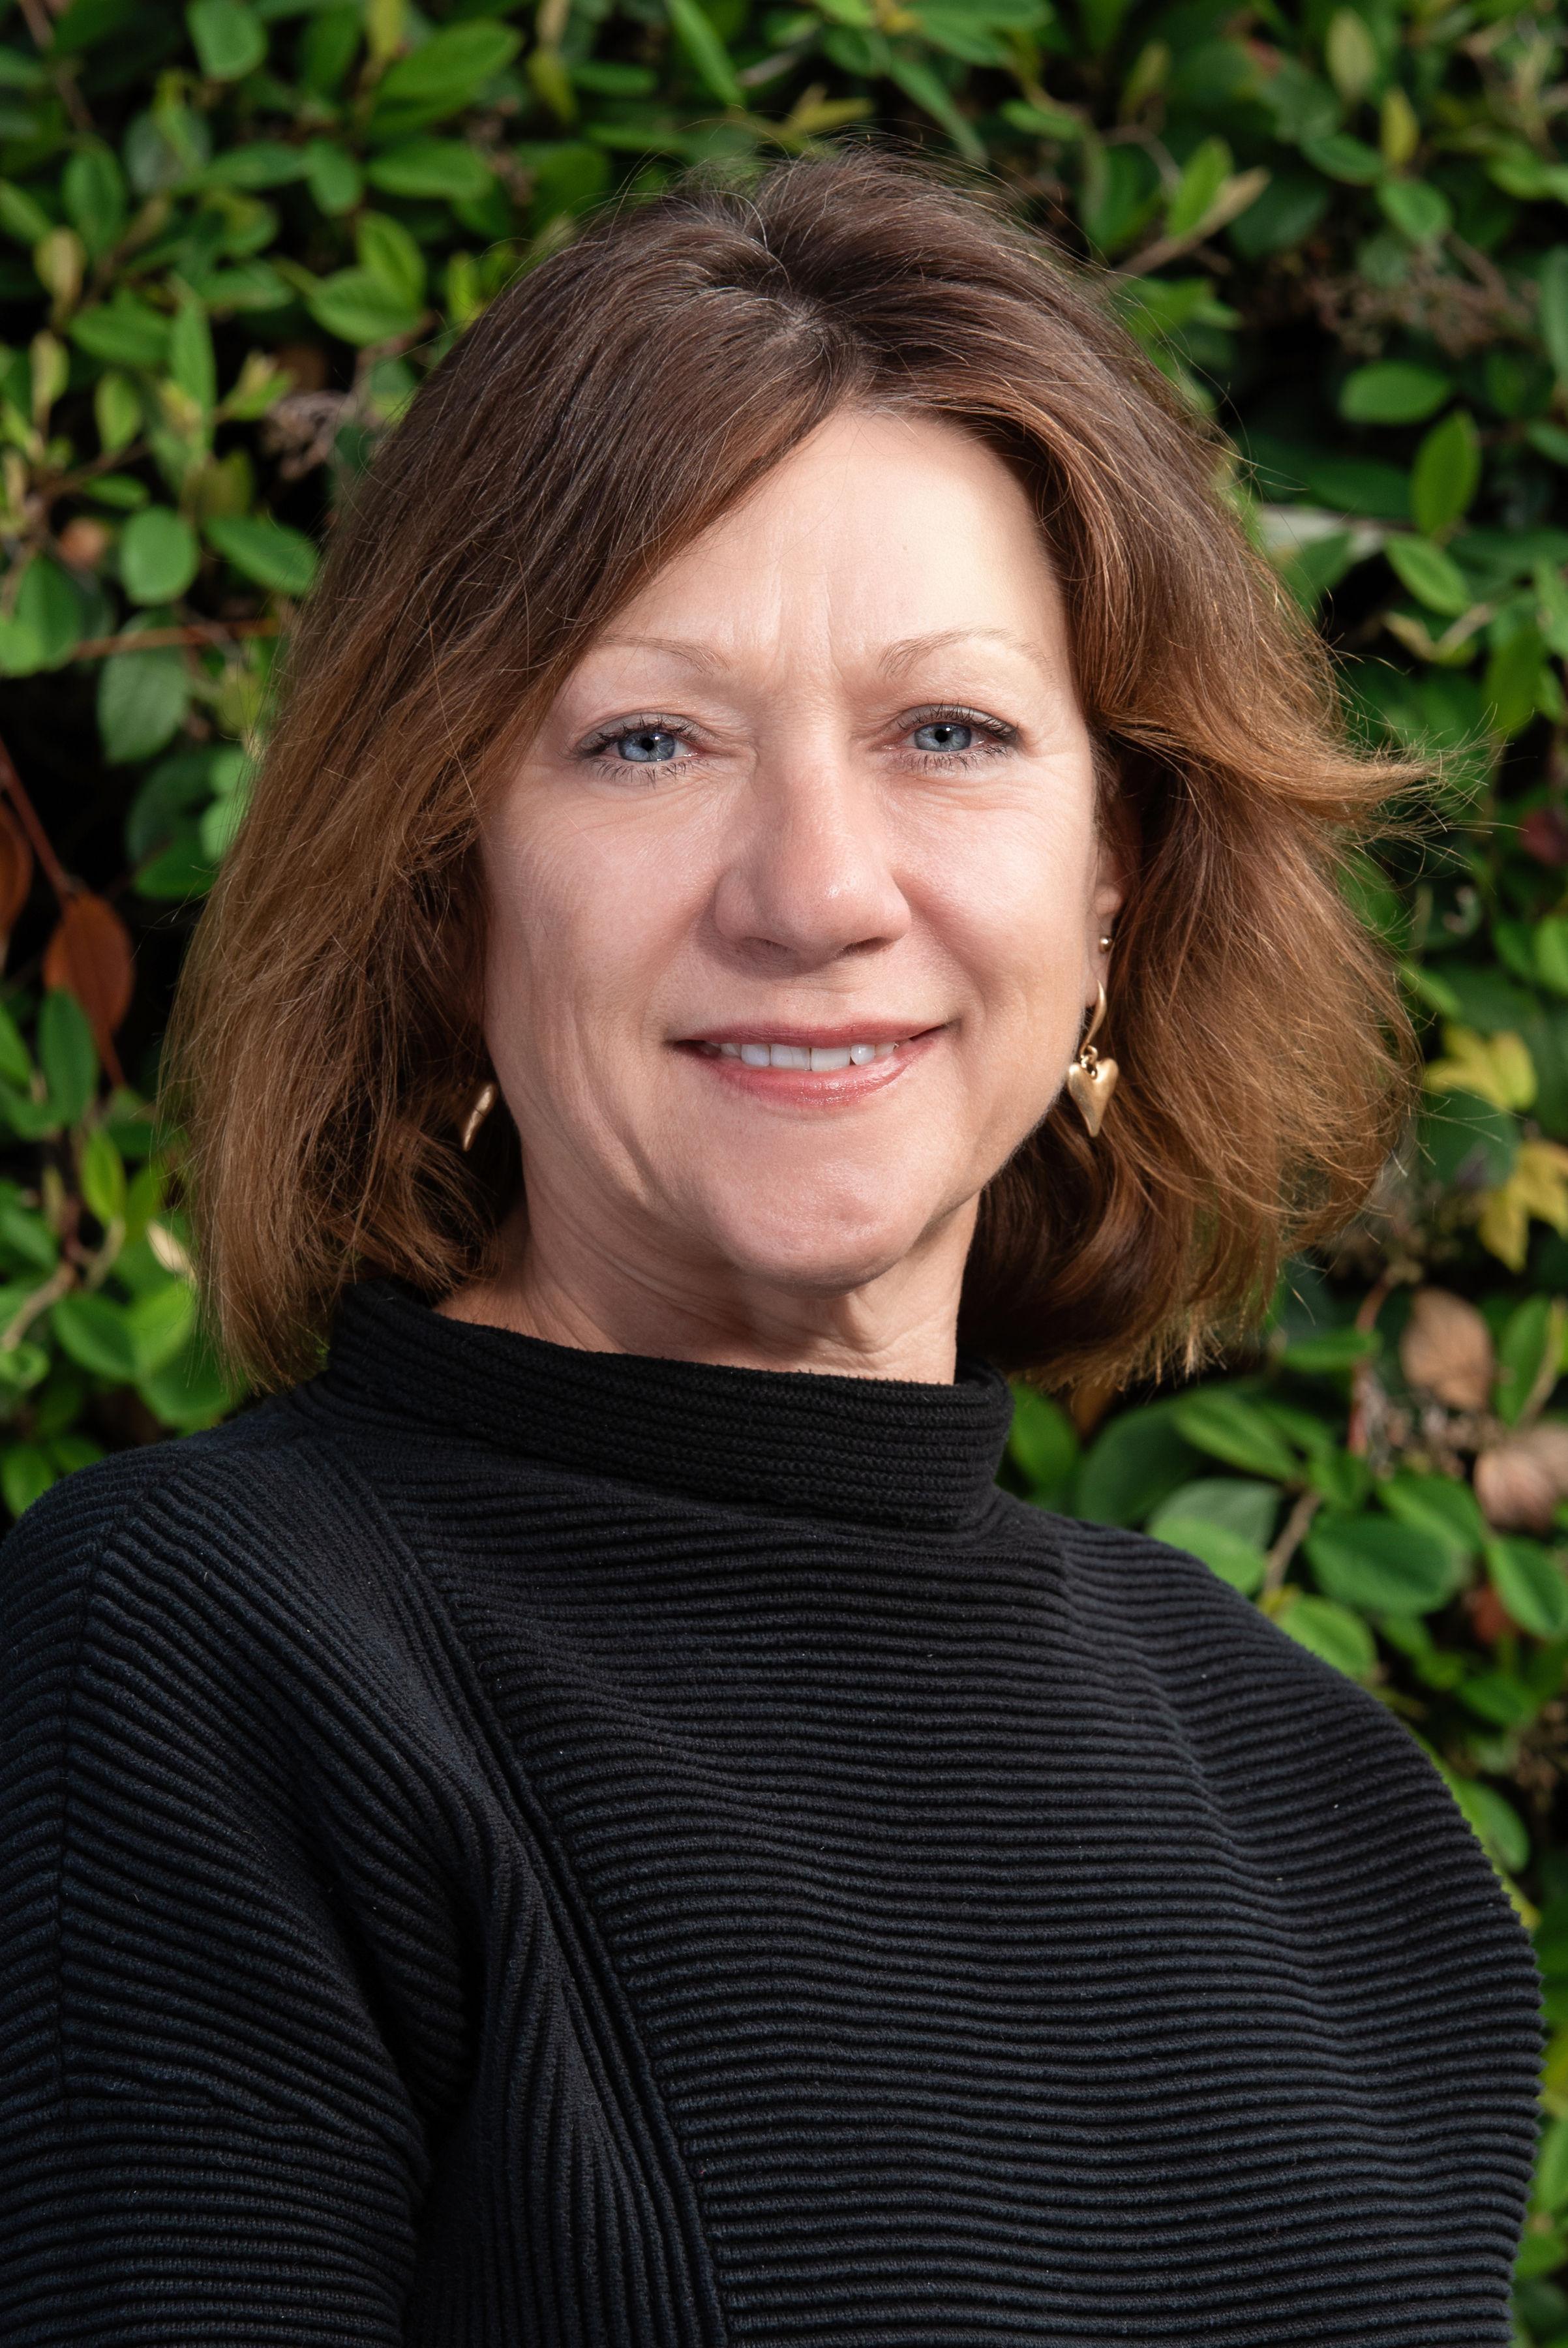 Linda Bleasdale